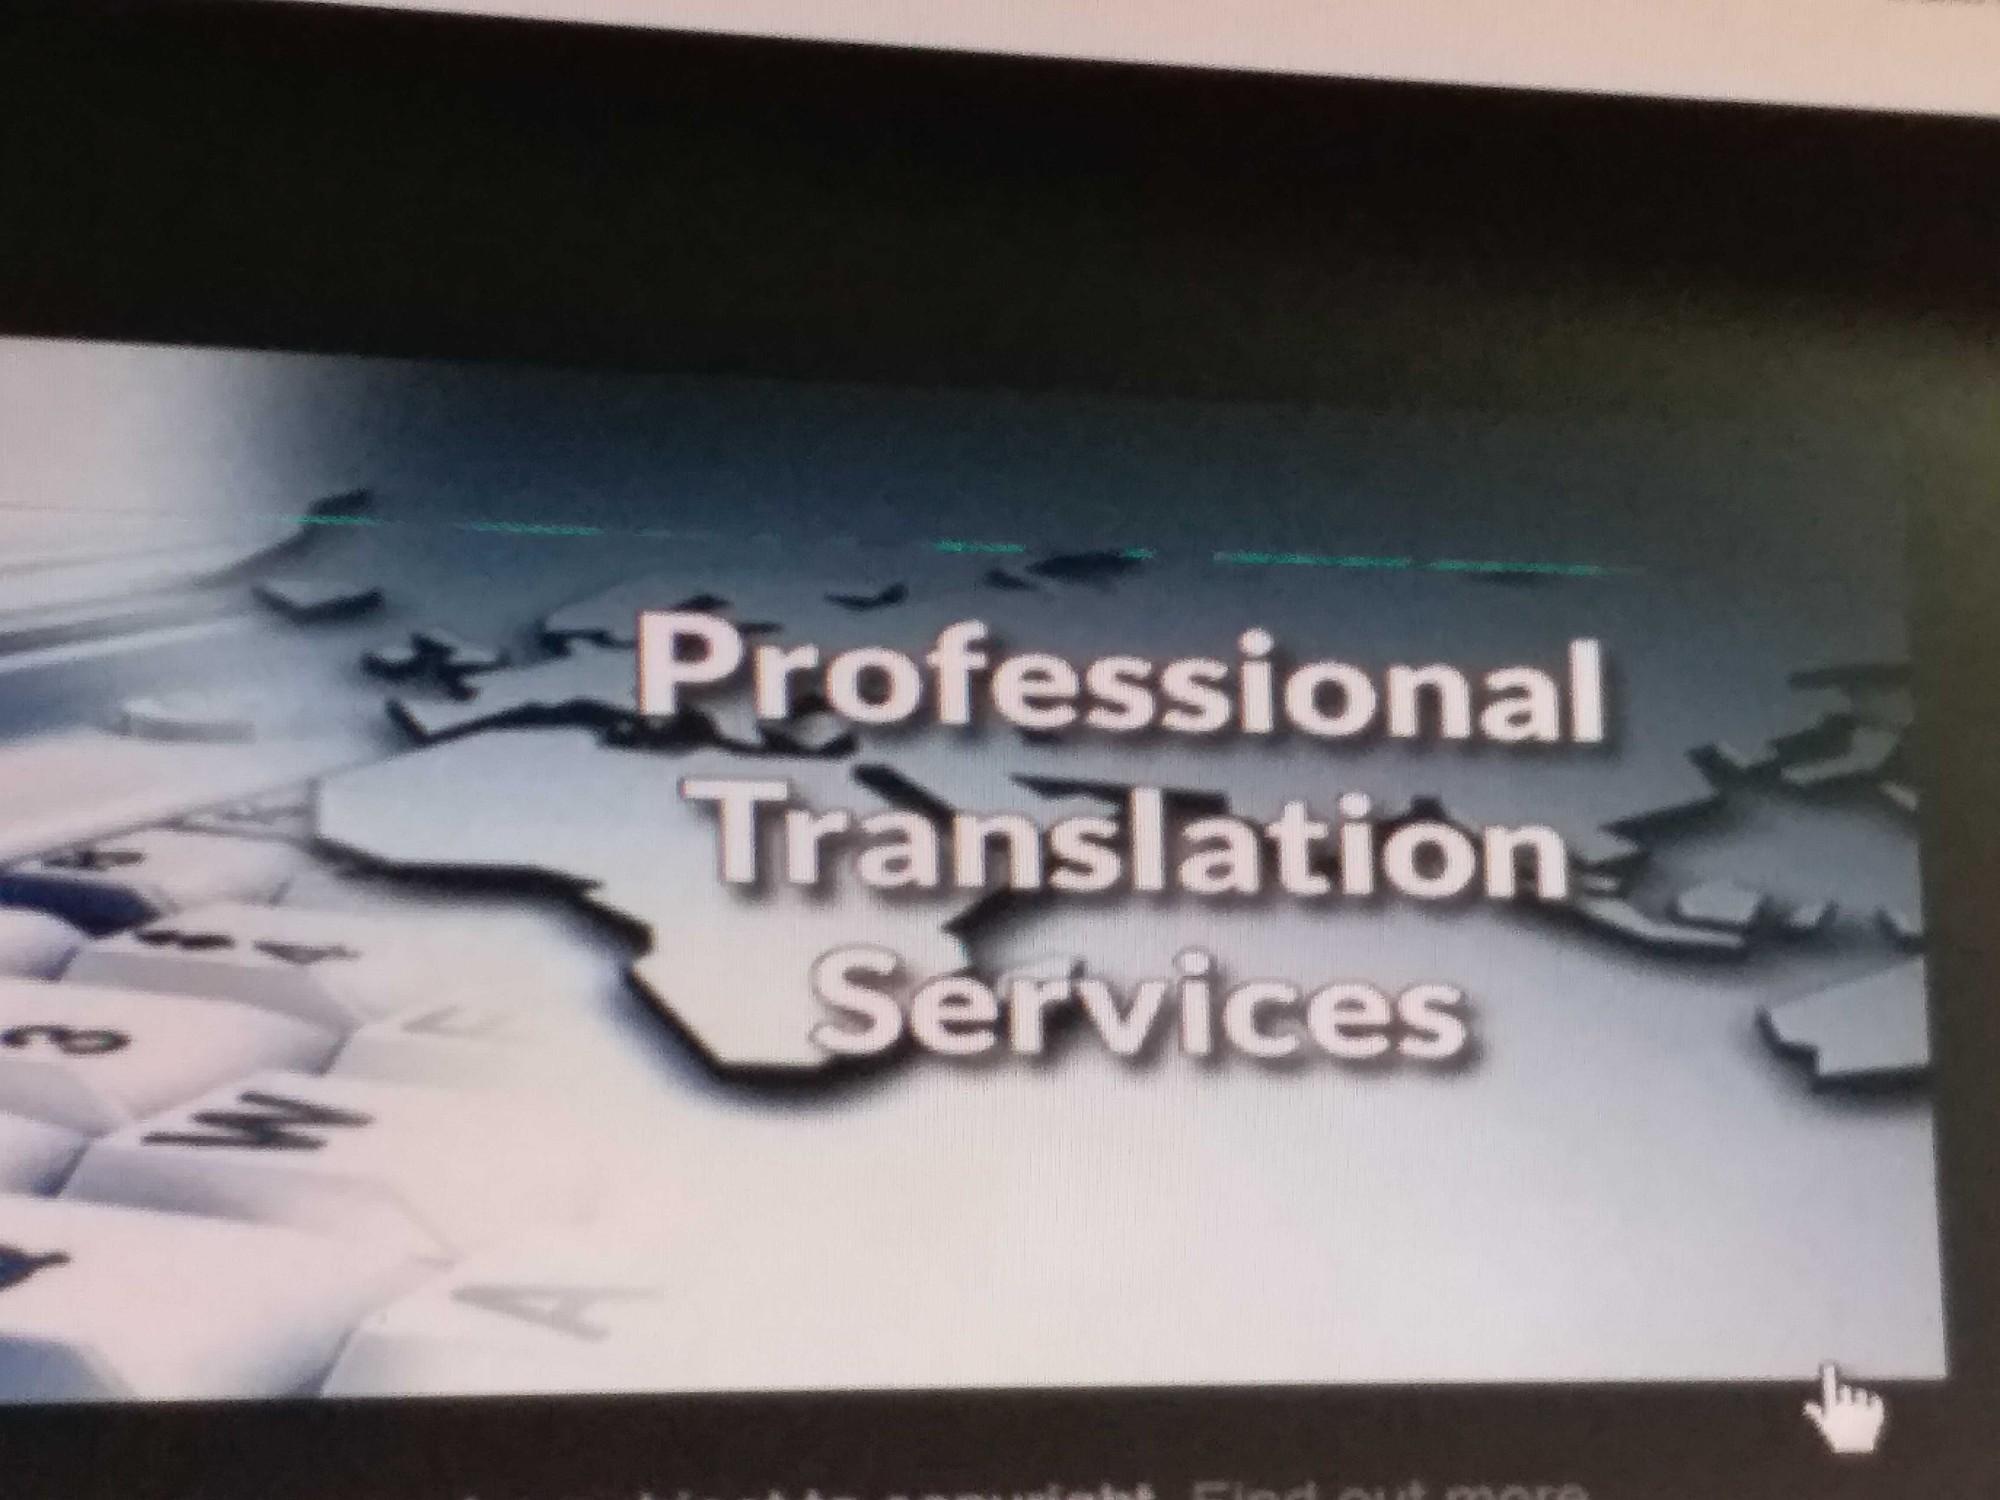 Tamil Translators in Gurgaon, Interpreters for Tamil